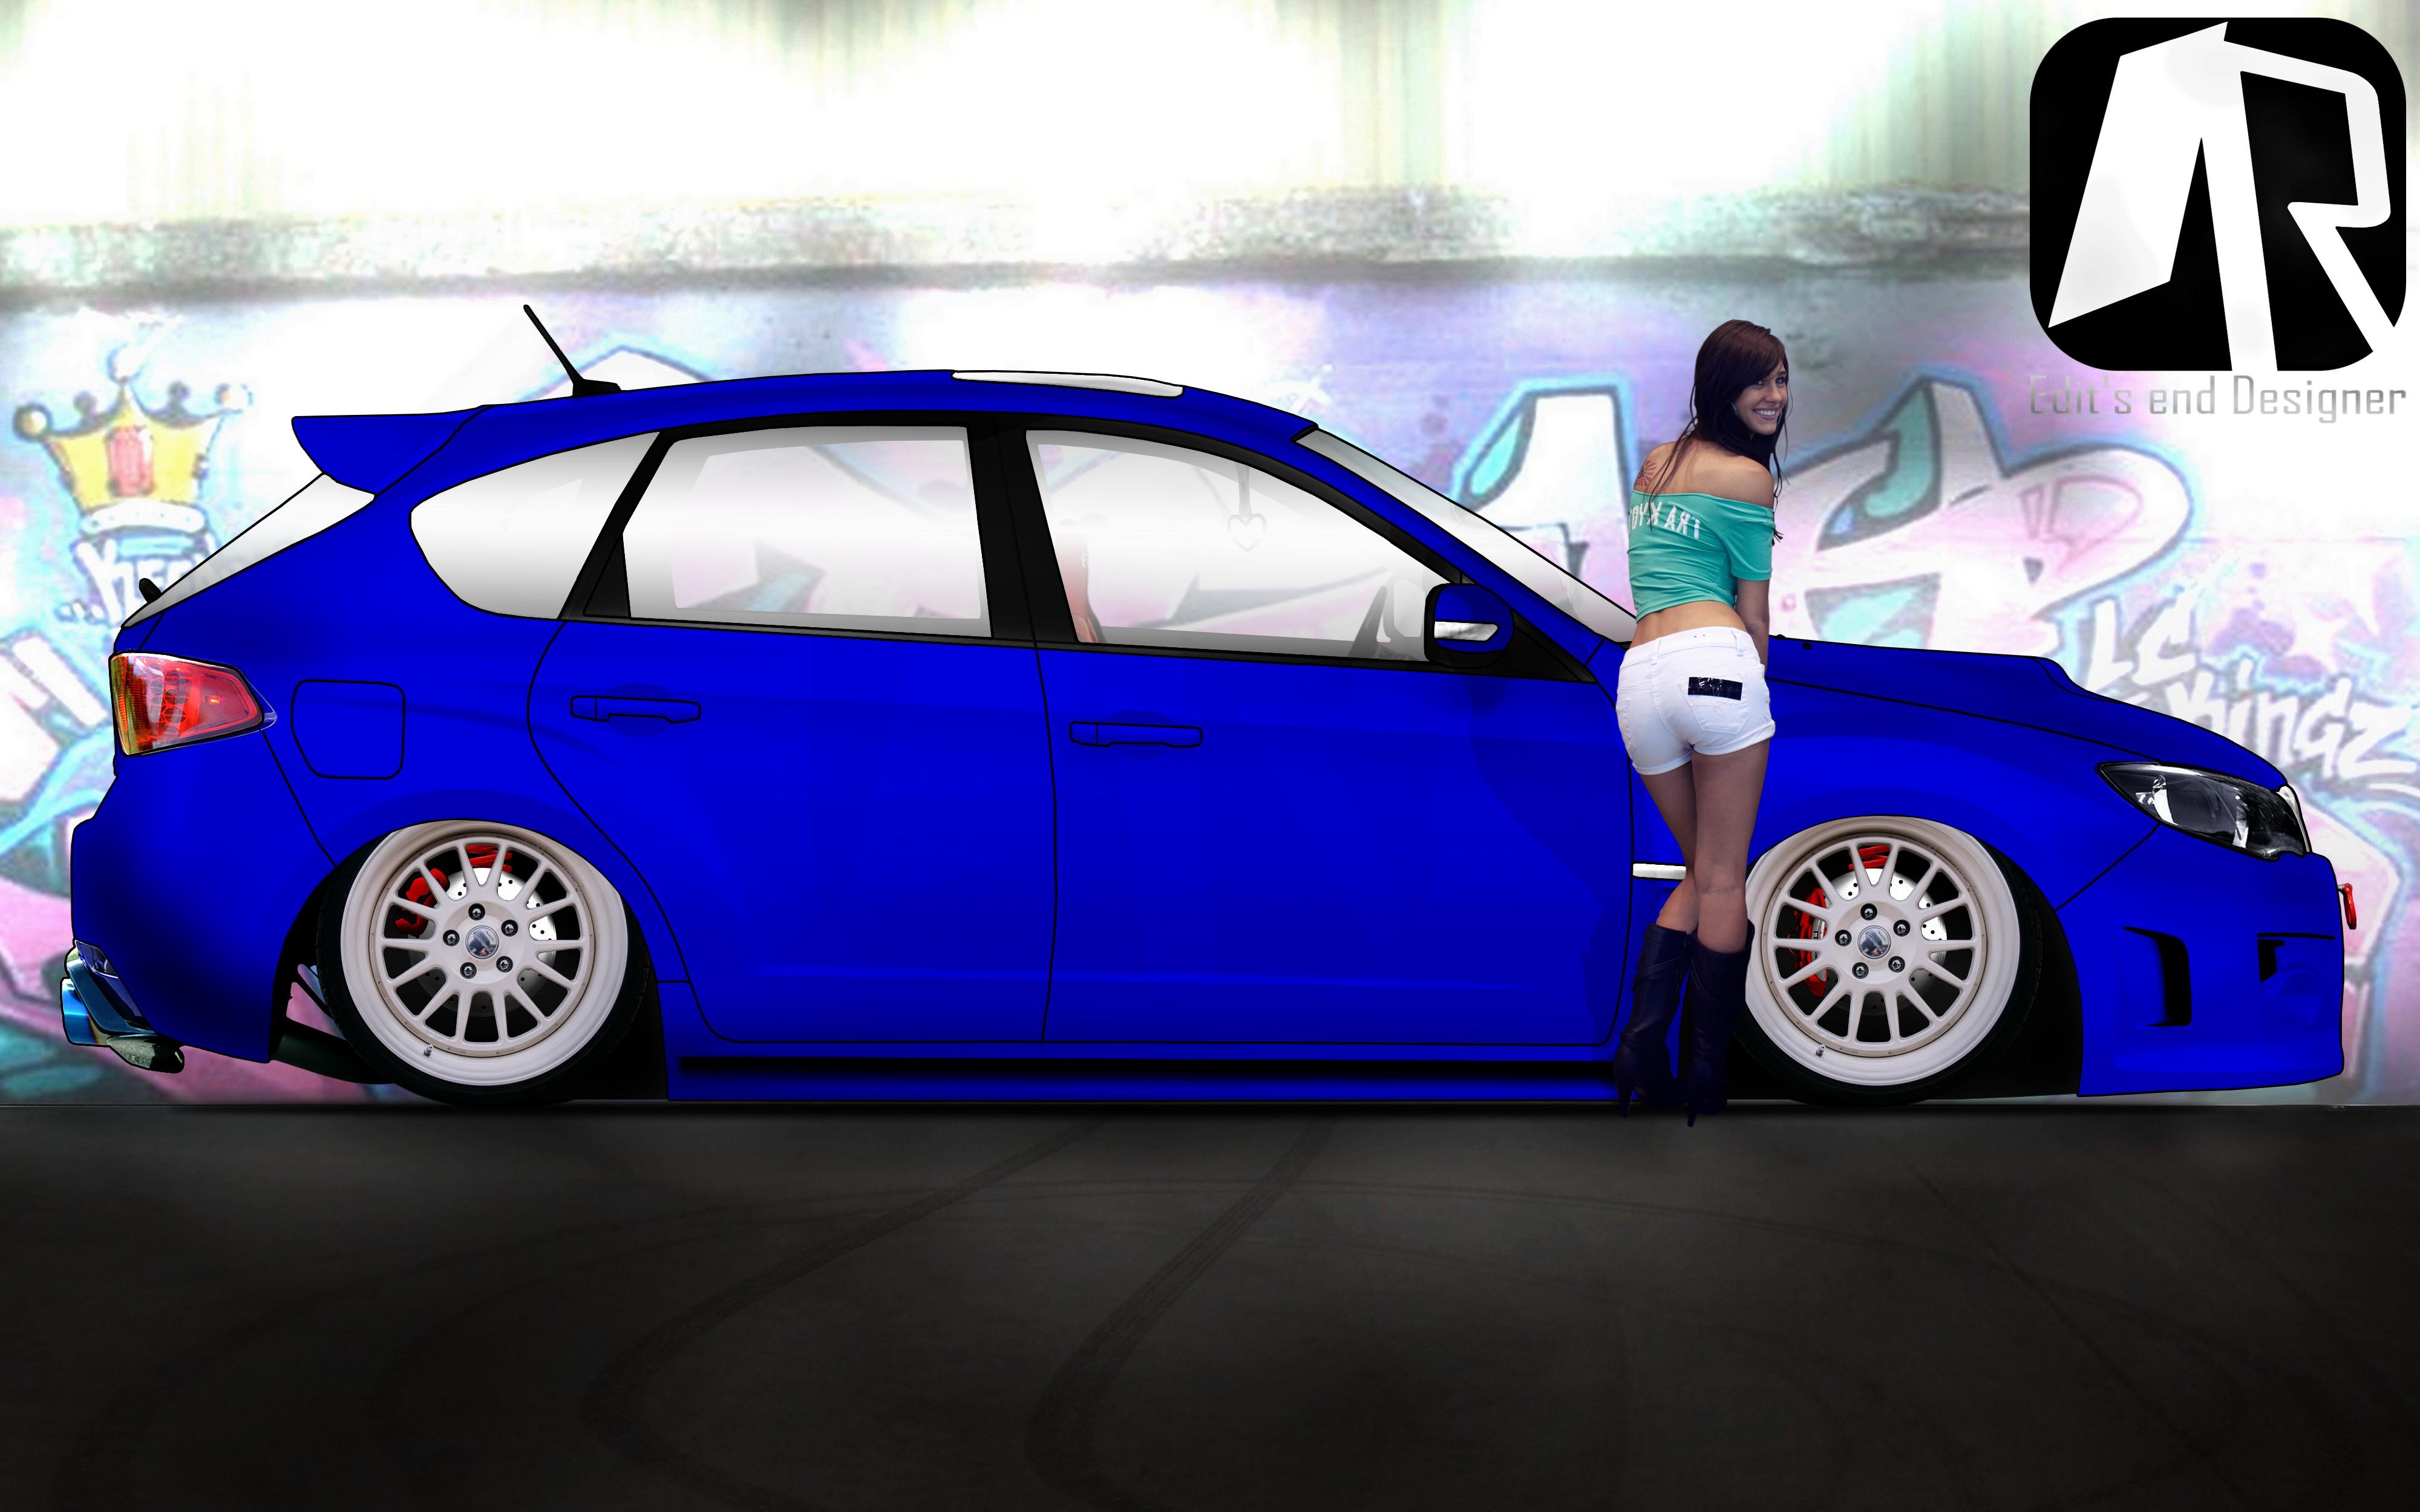 Subaru impreza wrx sti hatchback 2011 euro style by ismaelrocha on subaru impreza wrx sti hatchback 2011 euro style by ismaelrocha vanachro Images